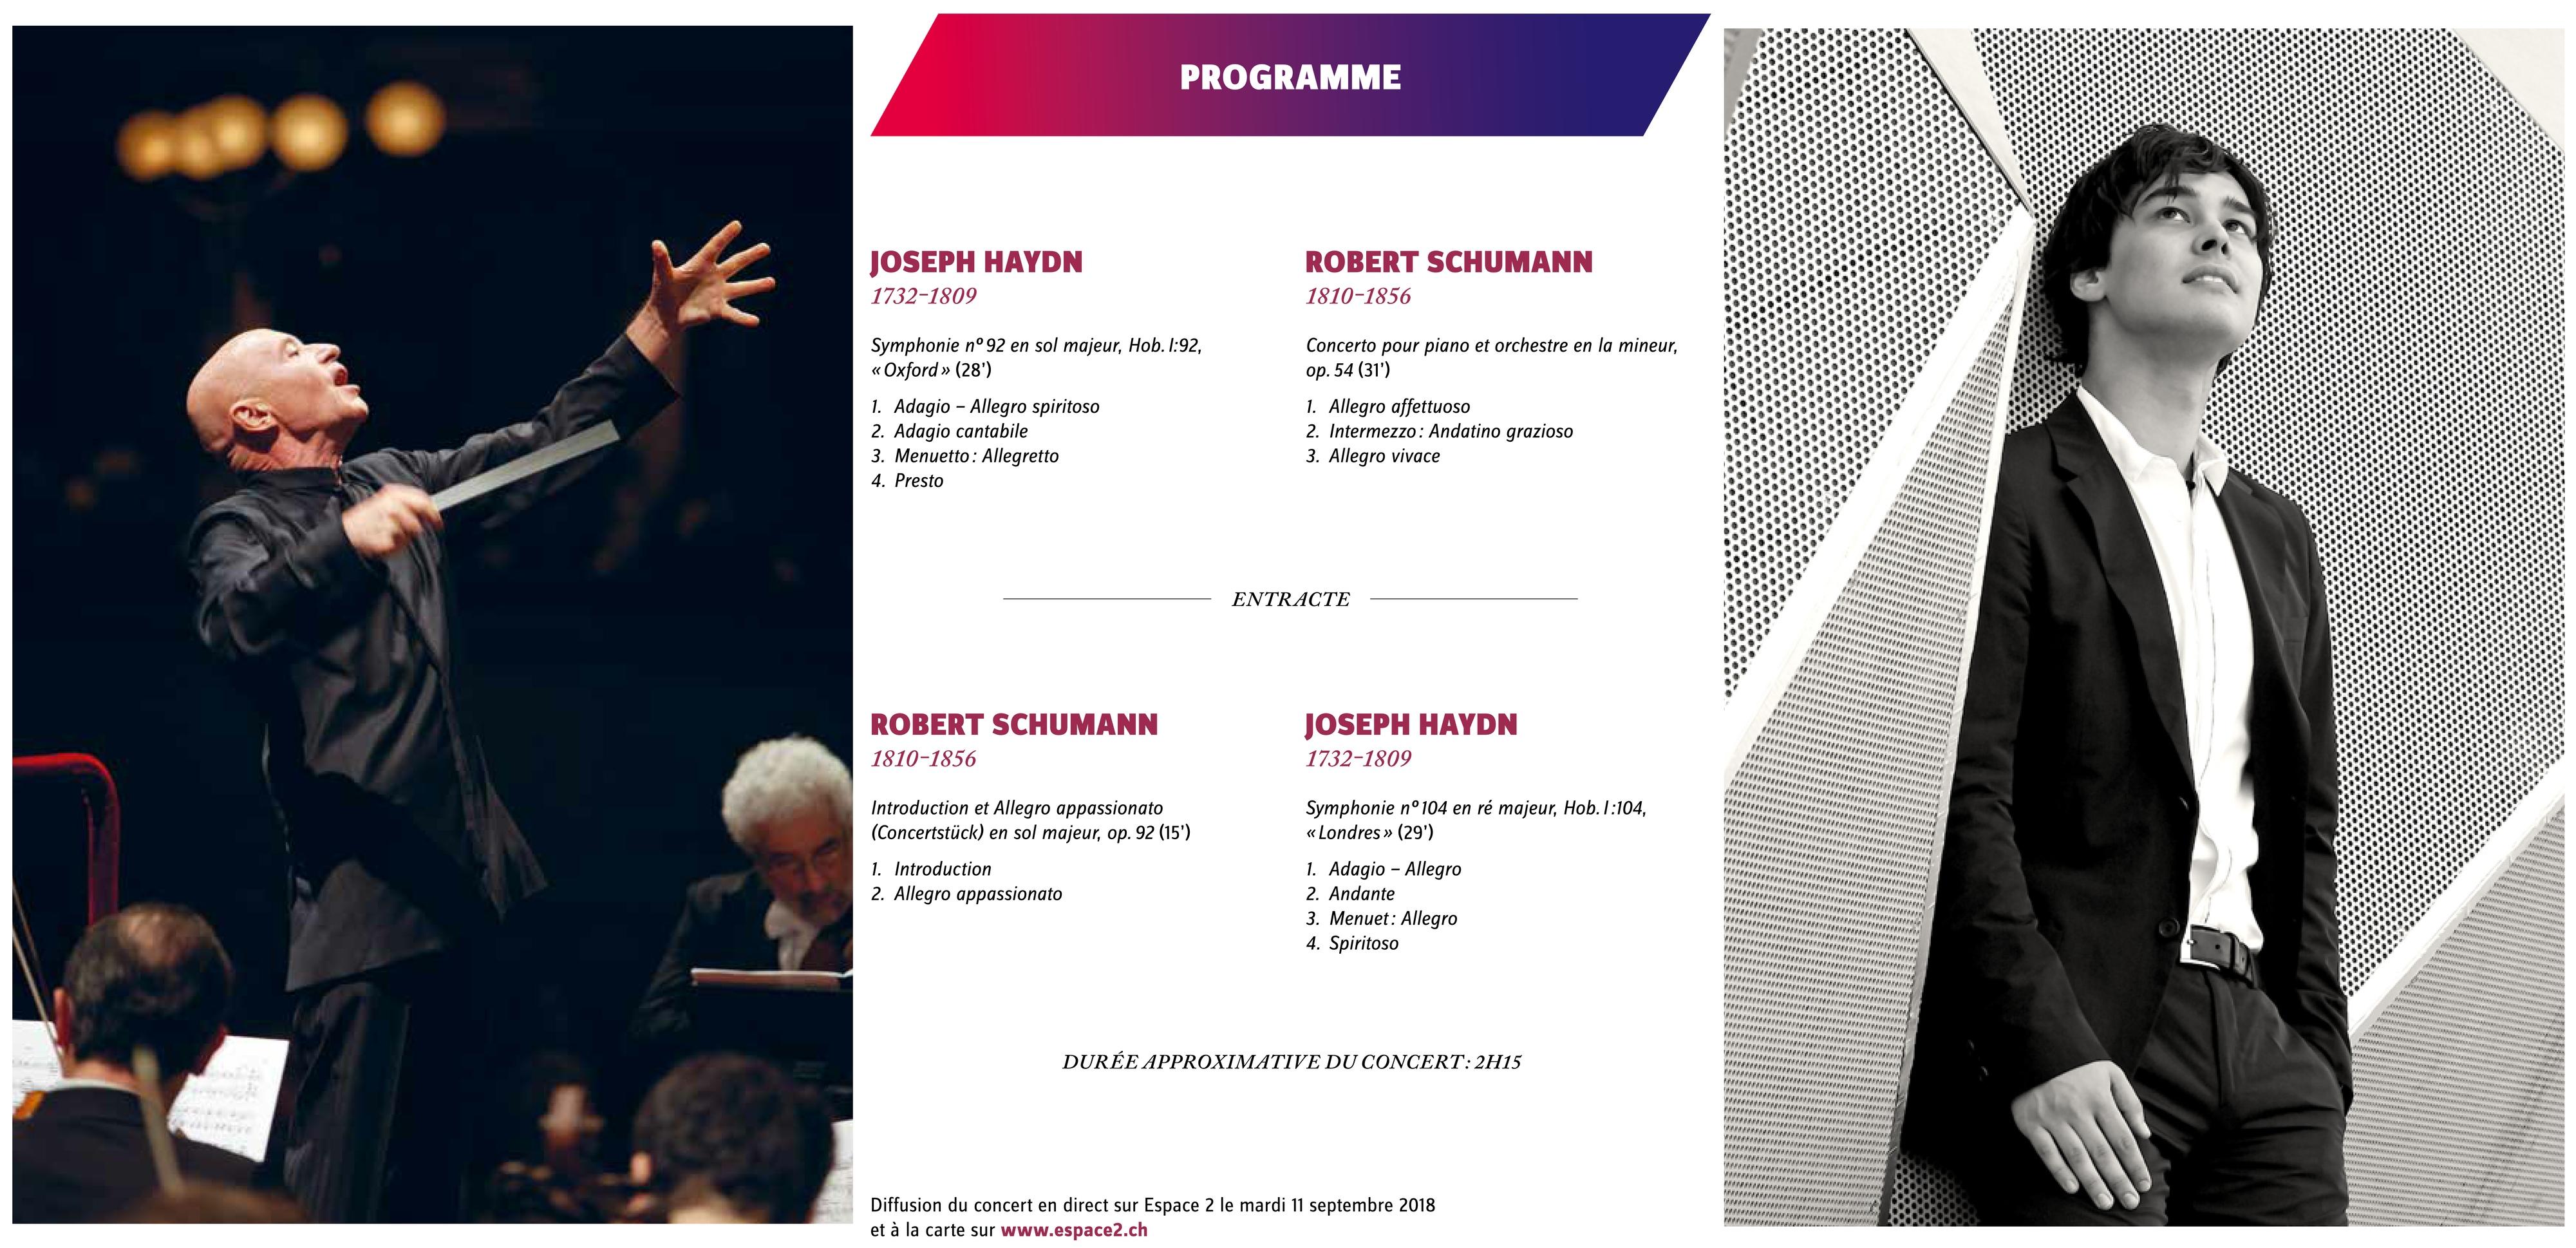 Concert des 10/11 septembre 2018, montage fait à partir de la brochure-programme de l'OCL